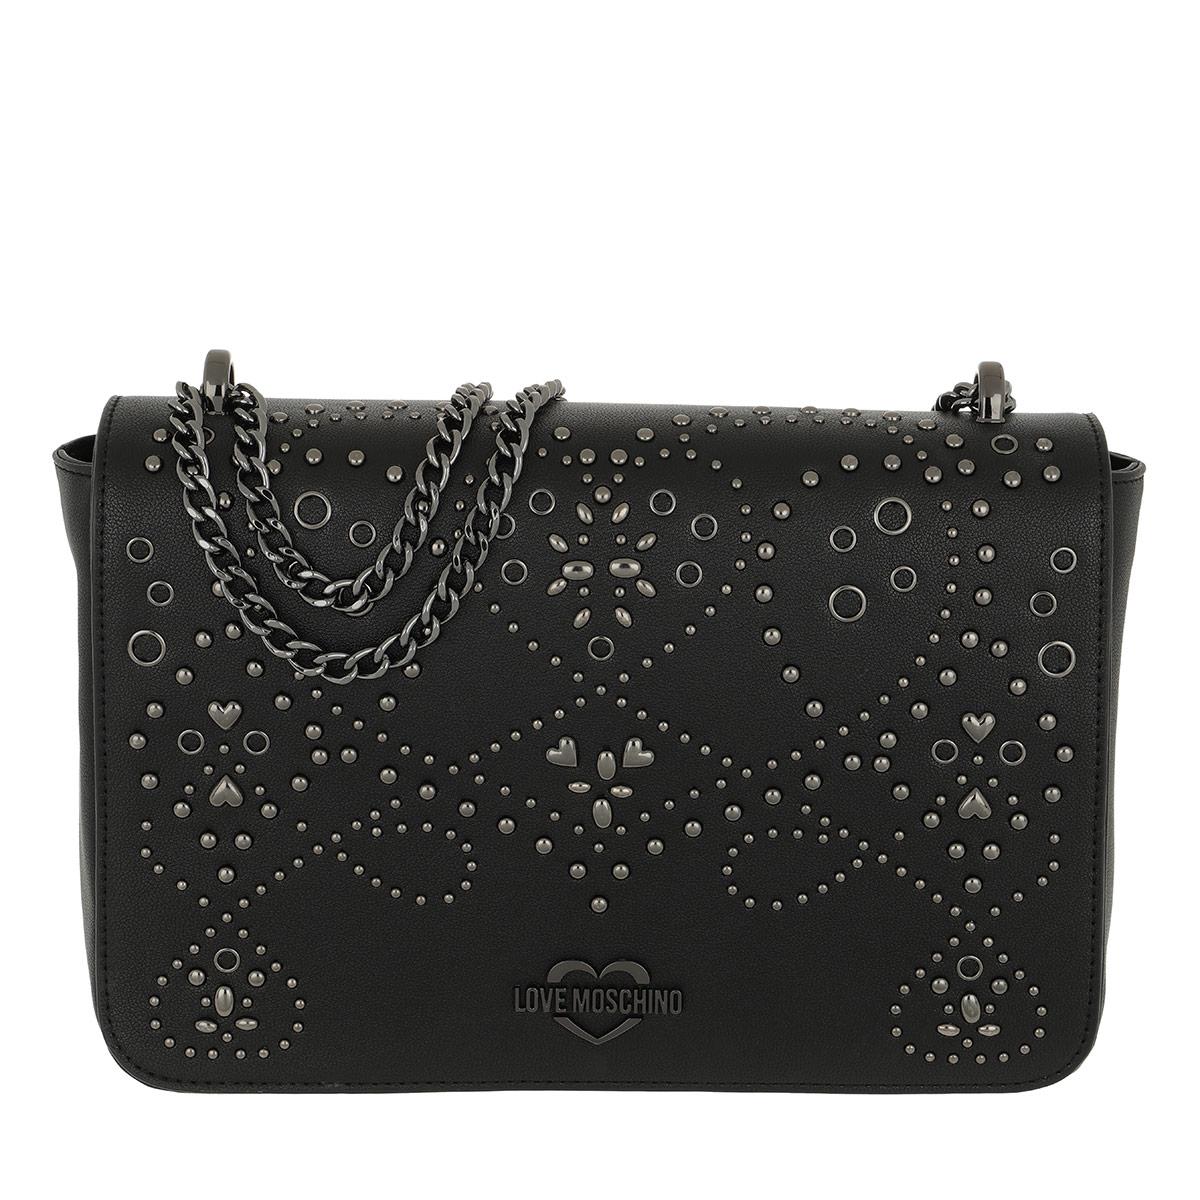 Love Moschino Umhängetasche - Studded Shoulder Bag Black/Silver - in schwarz - für Damen